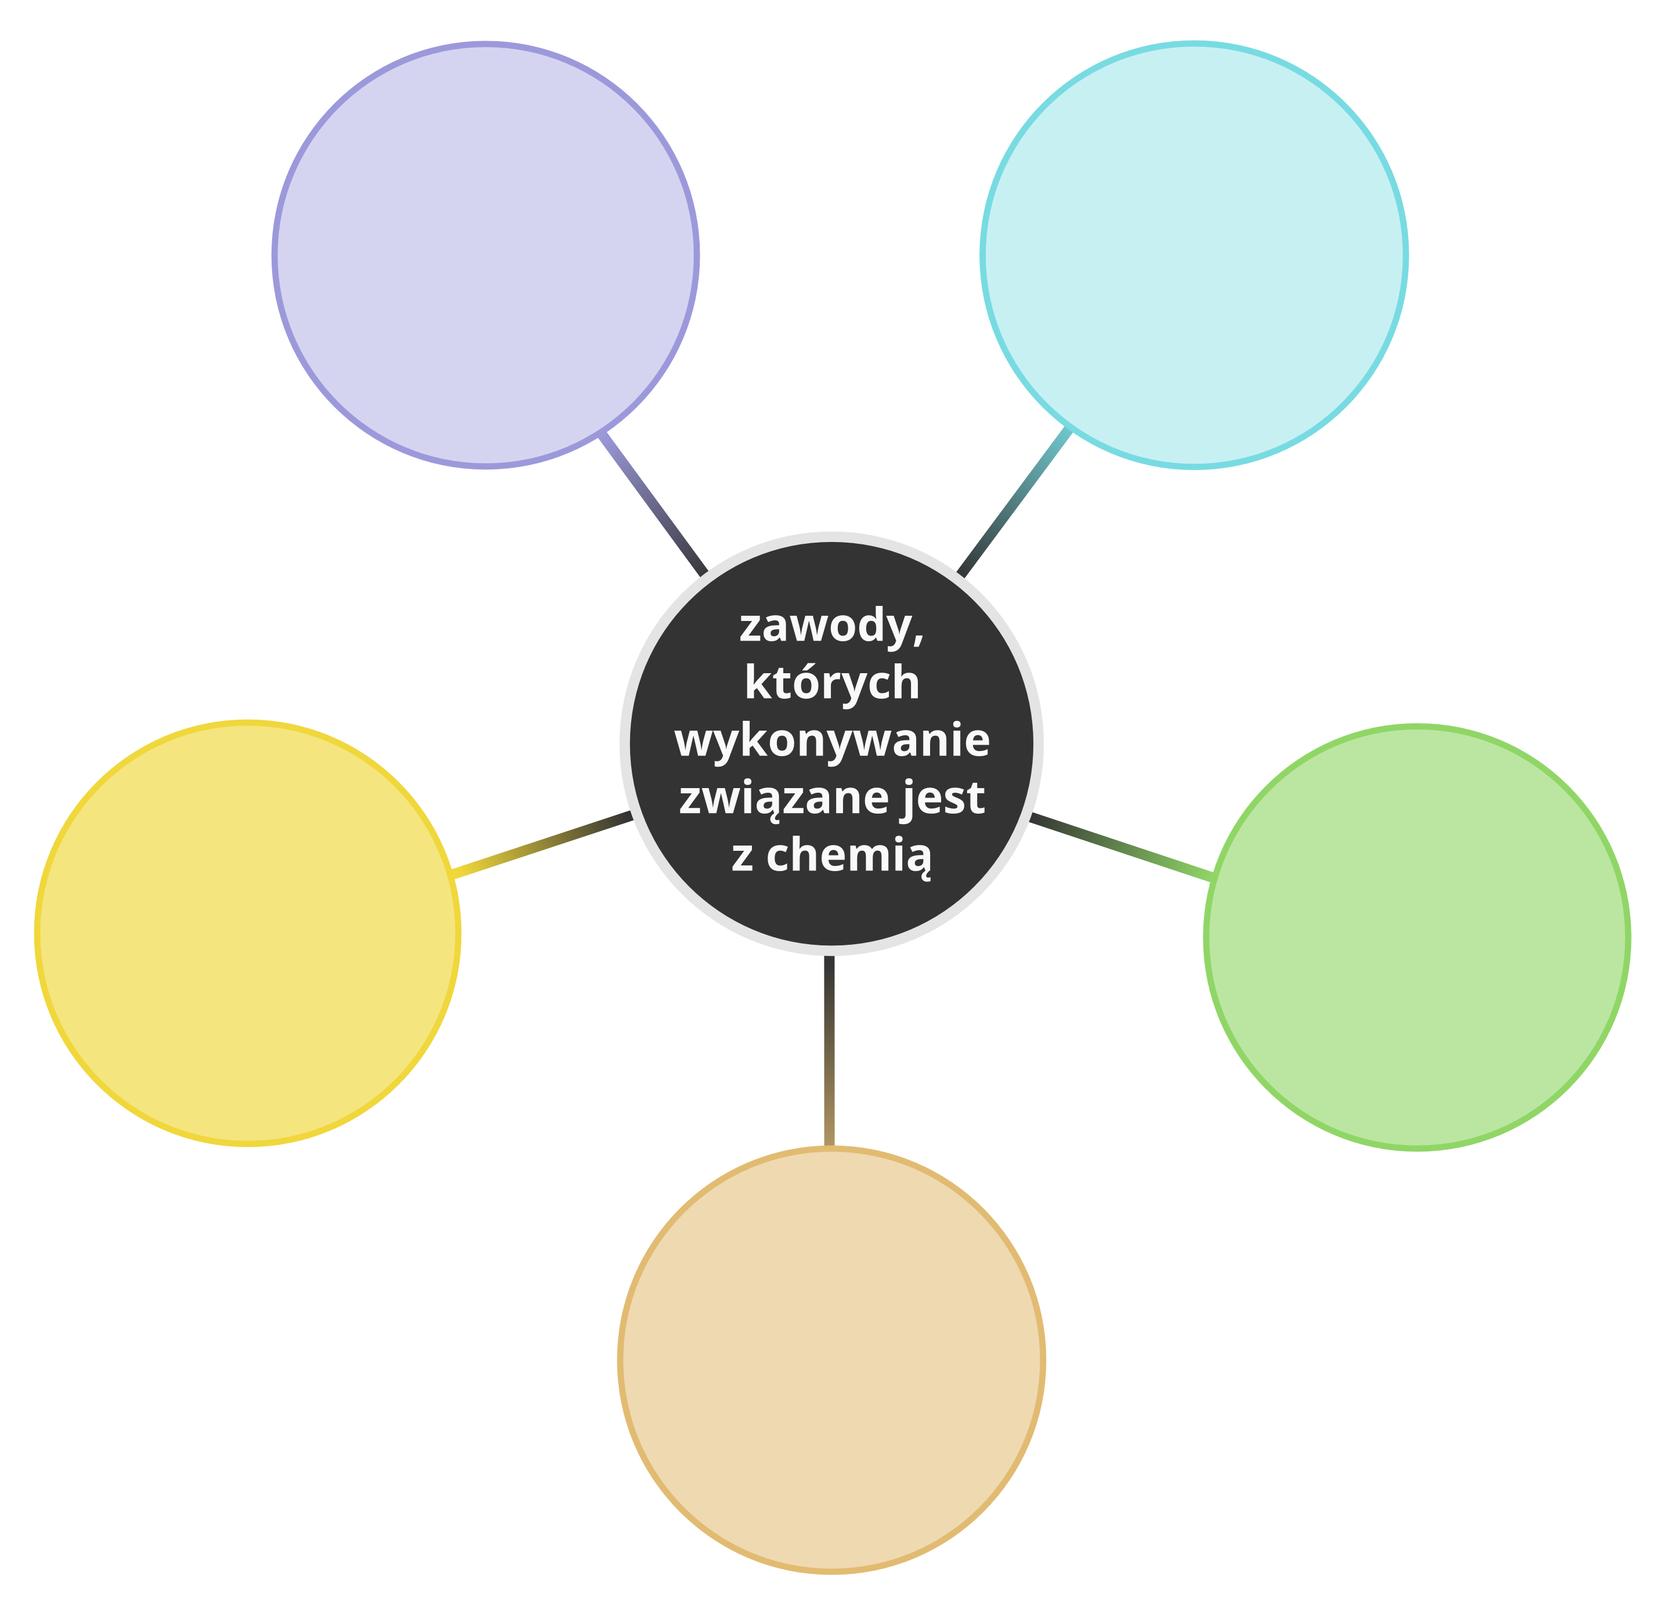 Ilustracja przedstawia typową mapę myśli. Centralny obszar to koło zatytułowane Zawody, których wykonywanie związane jest zchemią, do którego prowadzi pięć pustych pól przeznaczonych do wypełnienia.